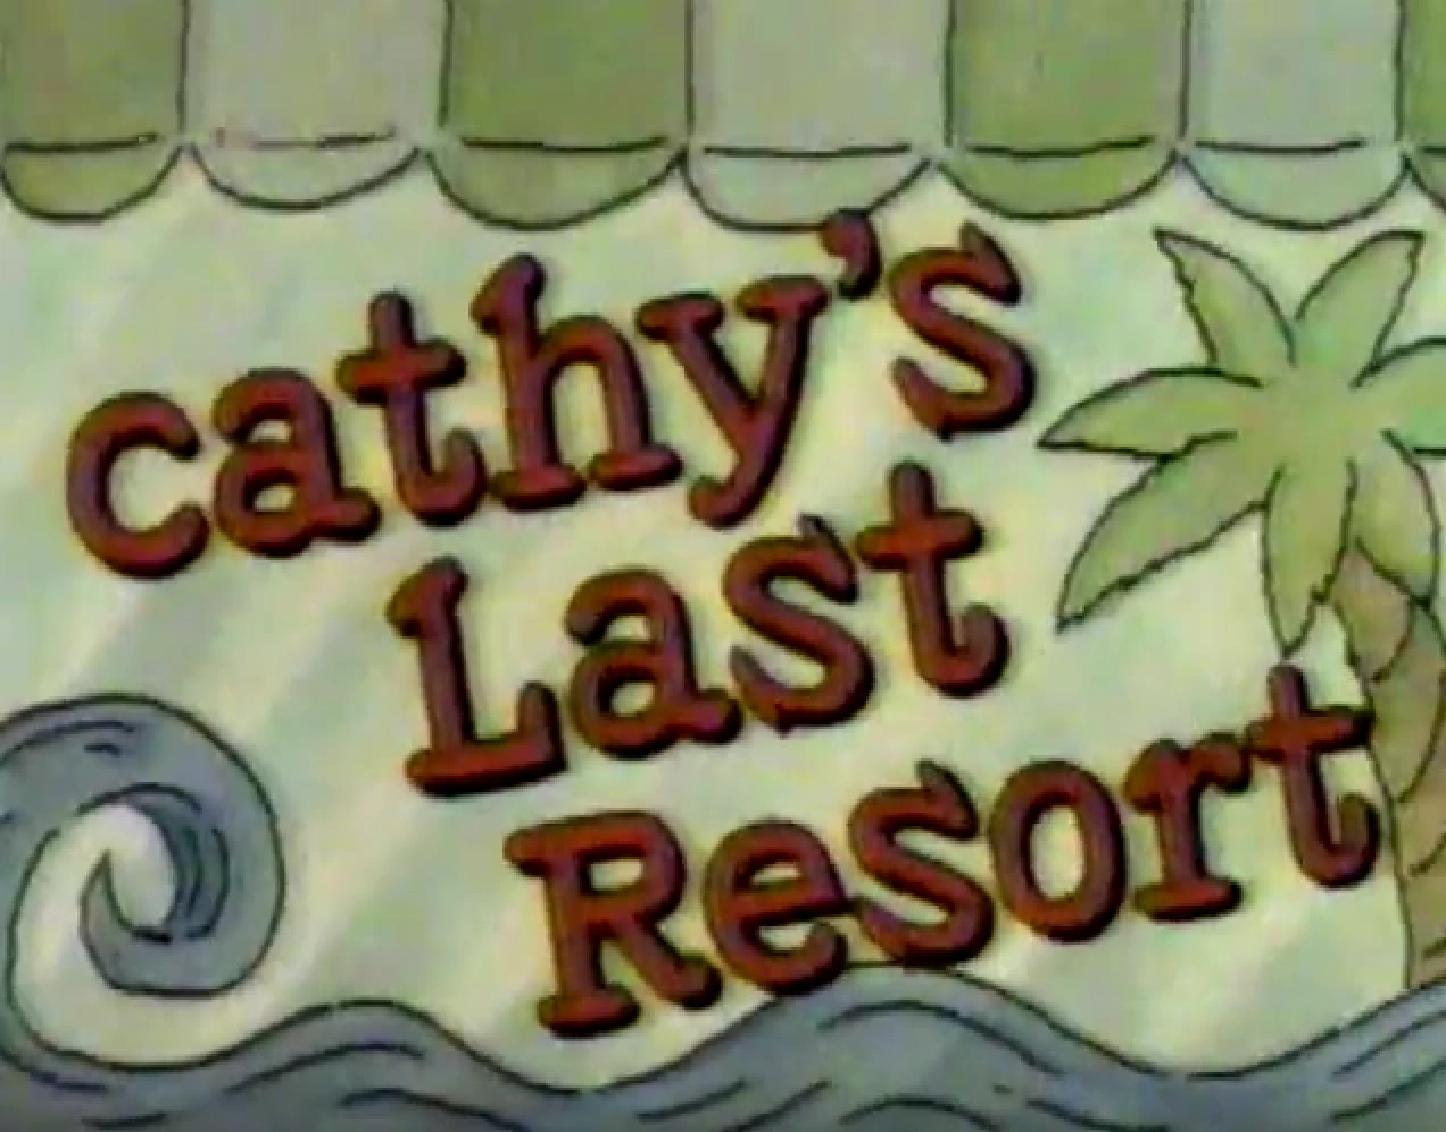 Cathy's Last Resort (1988)